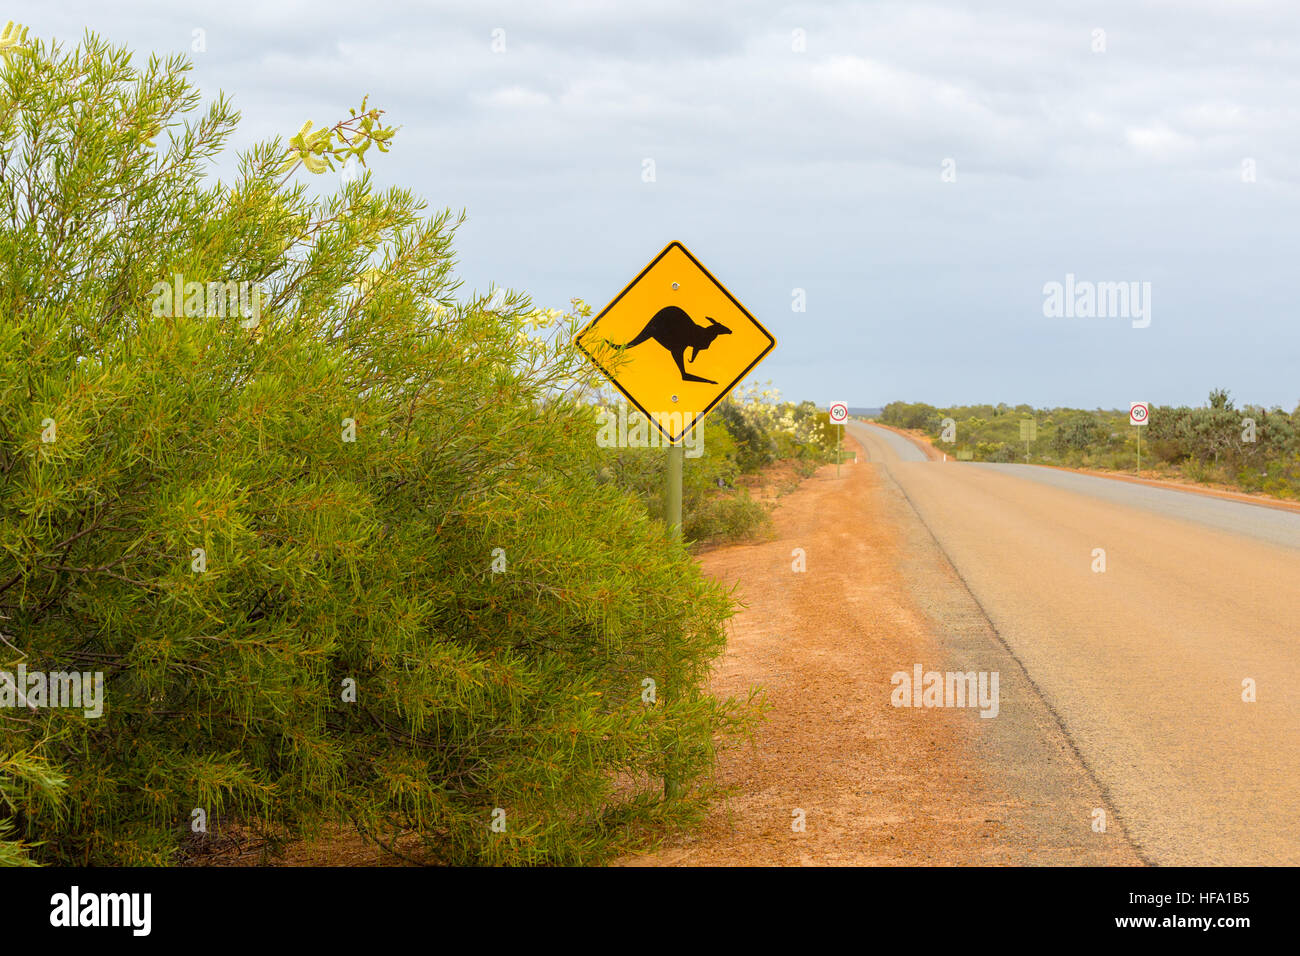 Segno di canguro, strada sterrata, Australia occidentale Immagini Stock